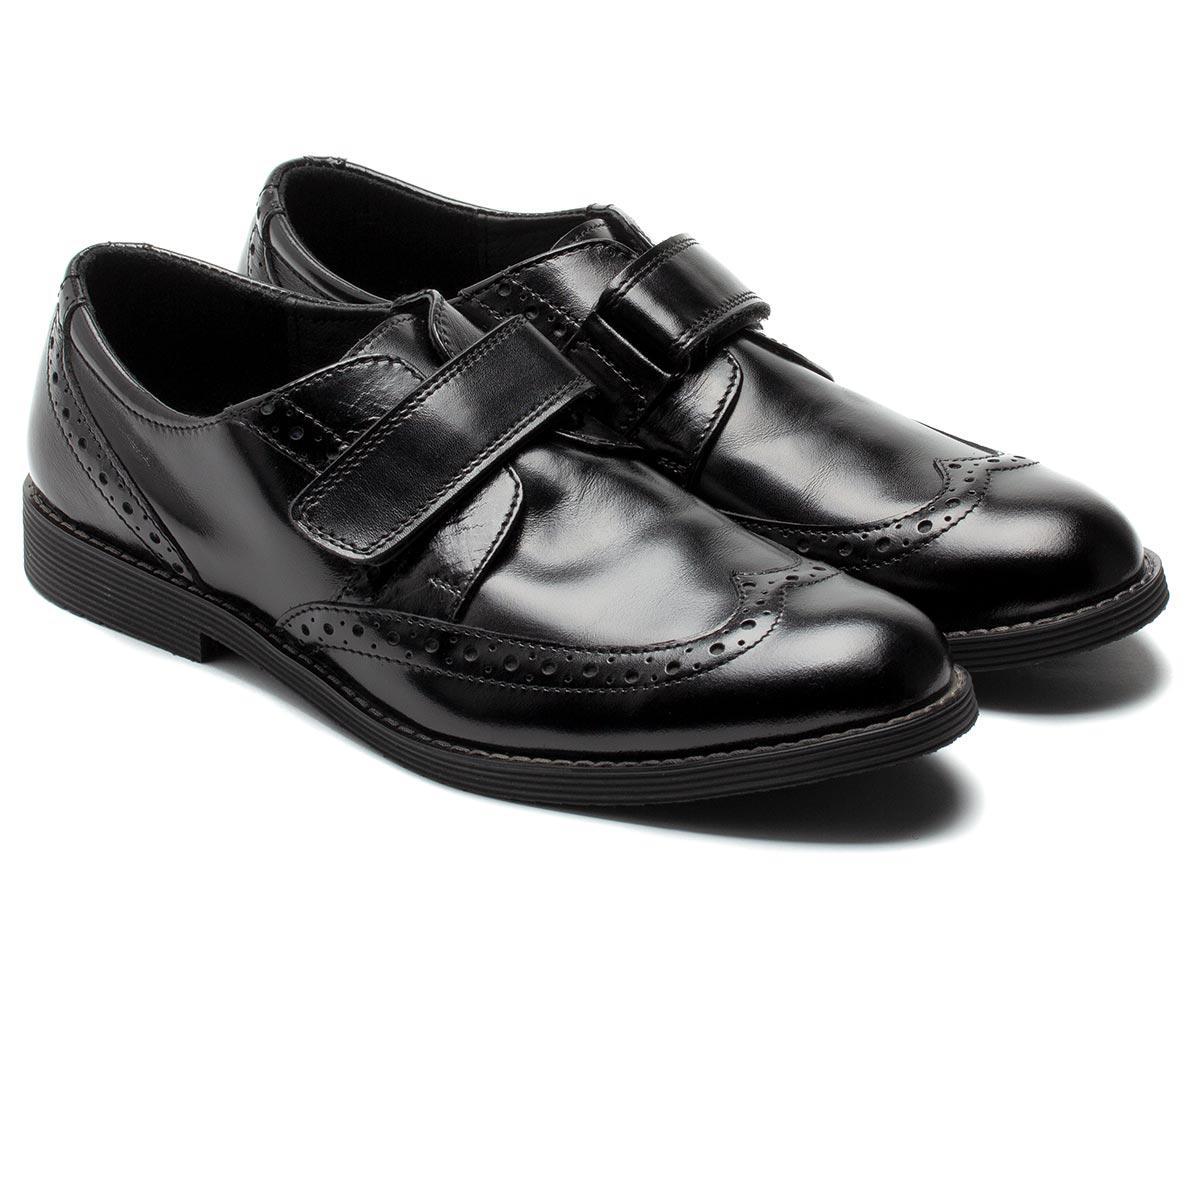 Подростковые ортопедические туфли для мальчика, FS Сollection размер 38